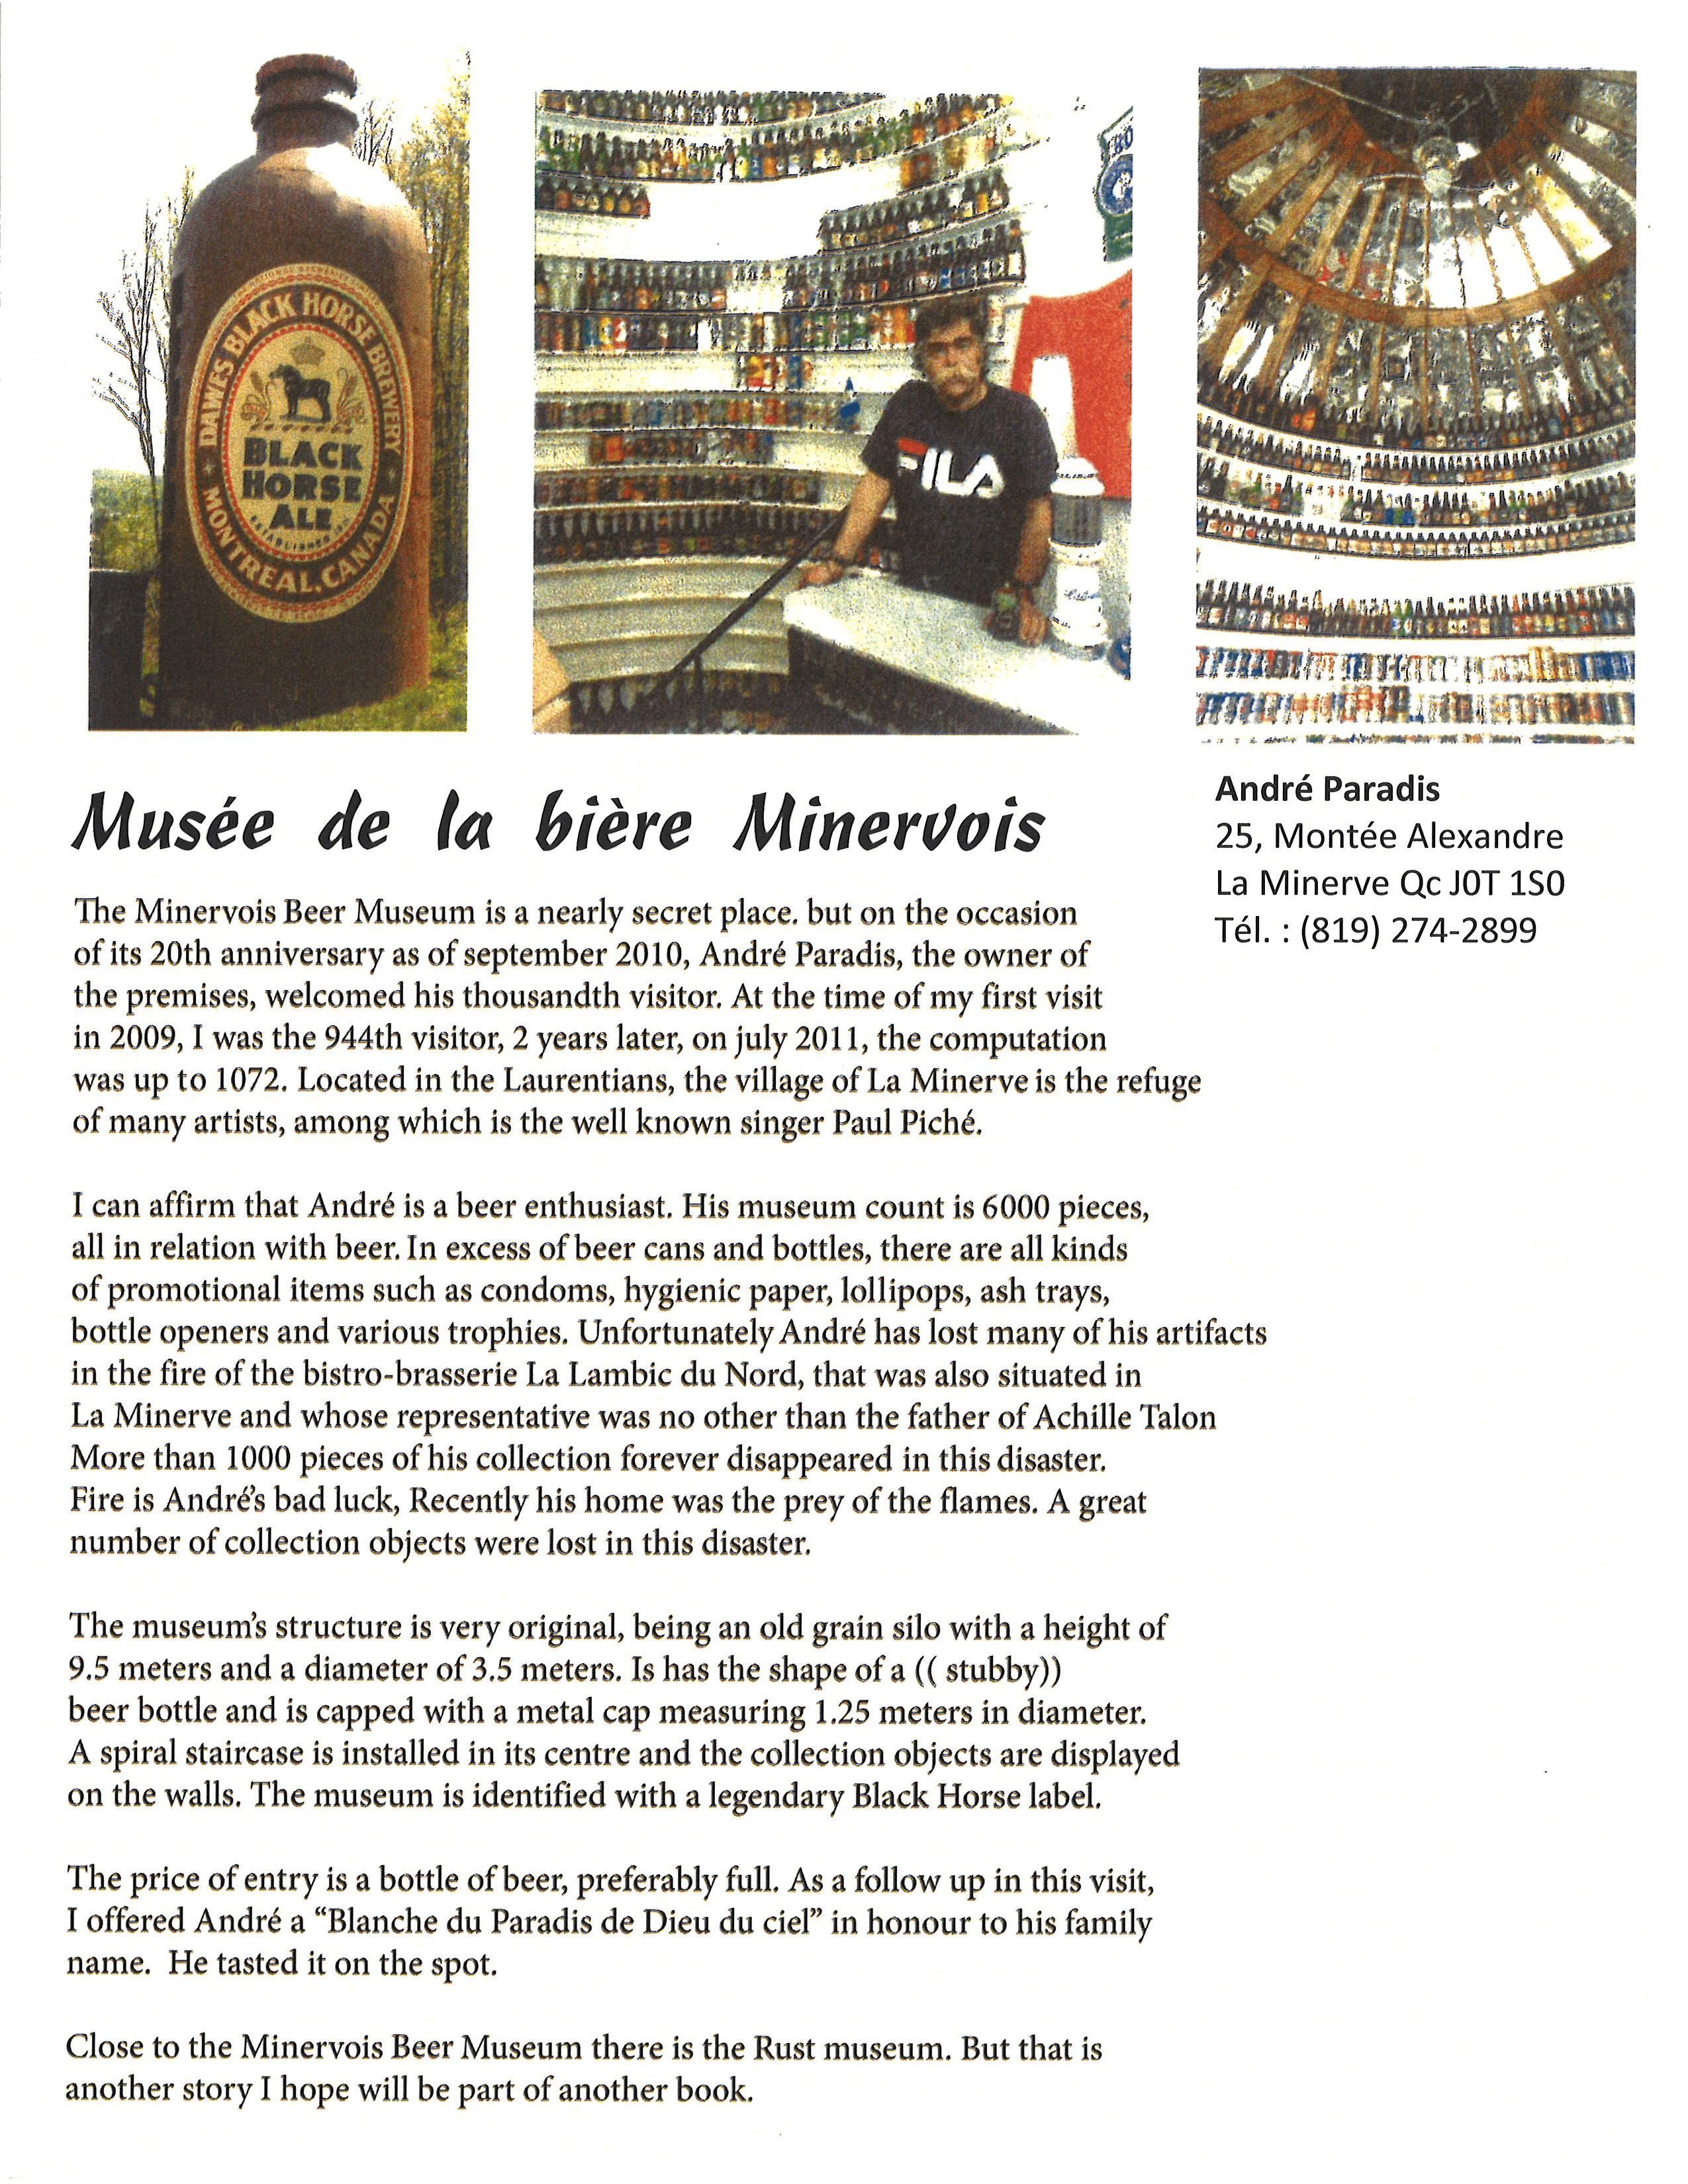 Musee de la biere Minervois